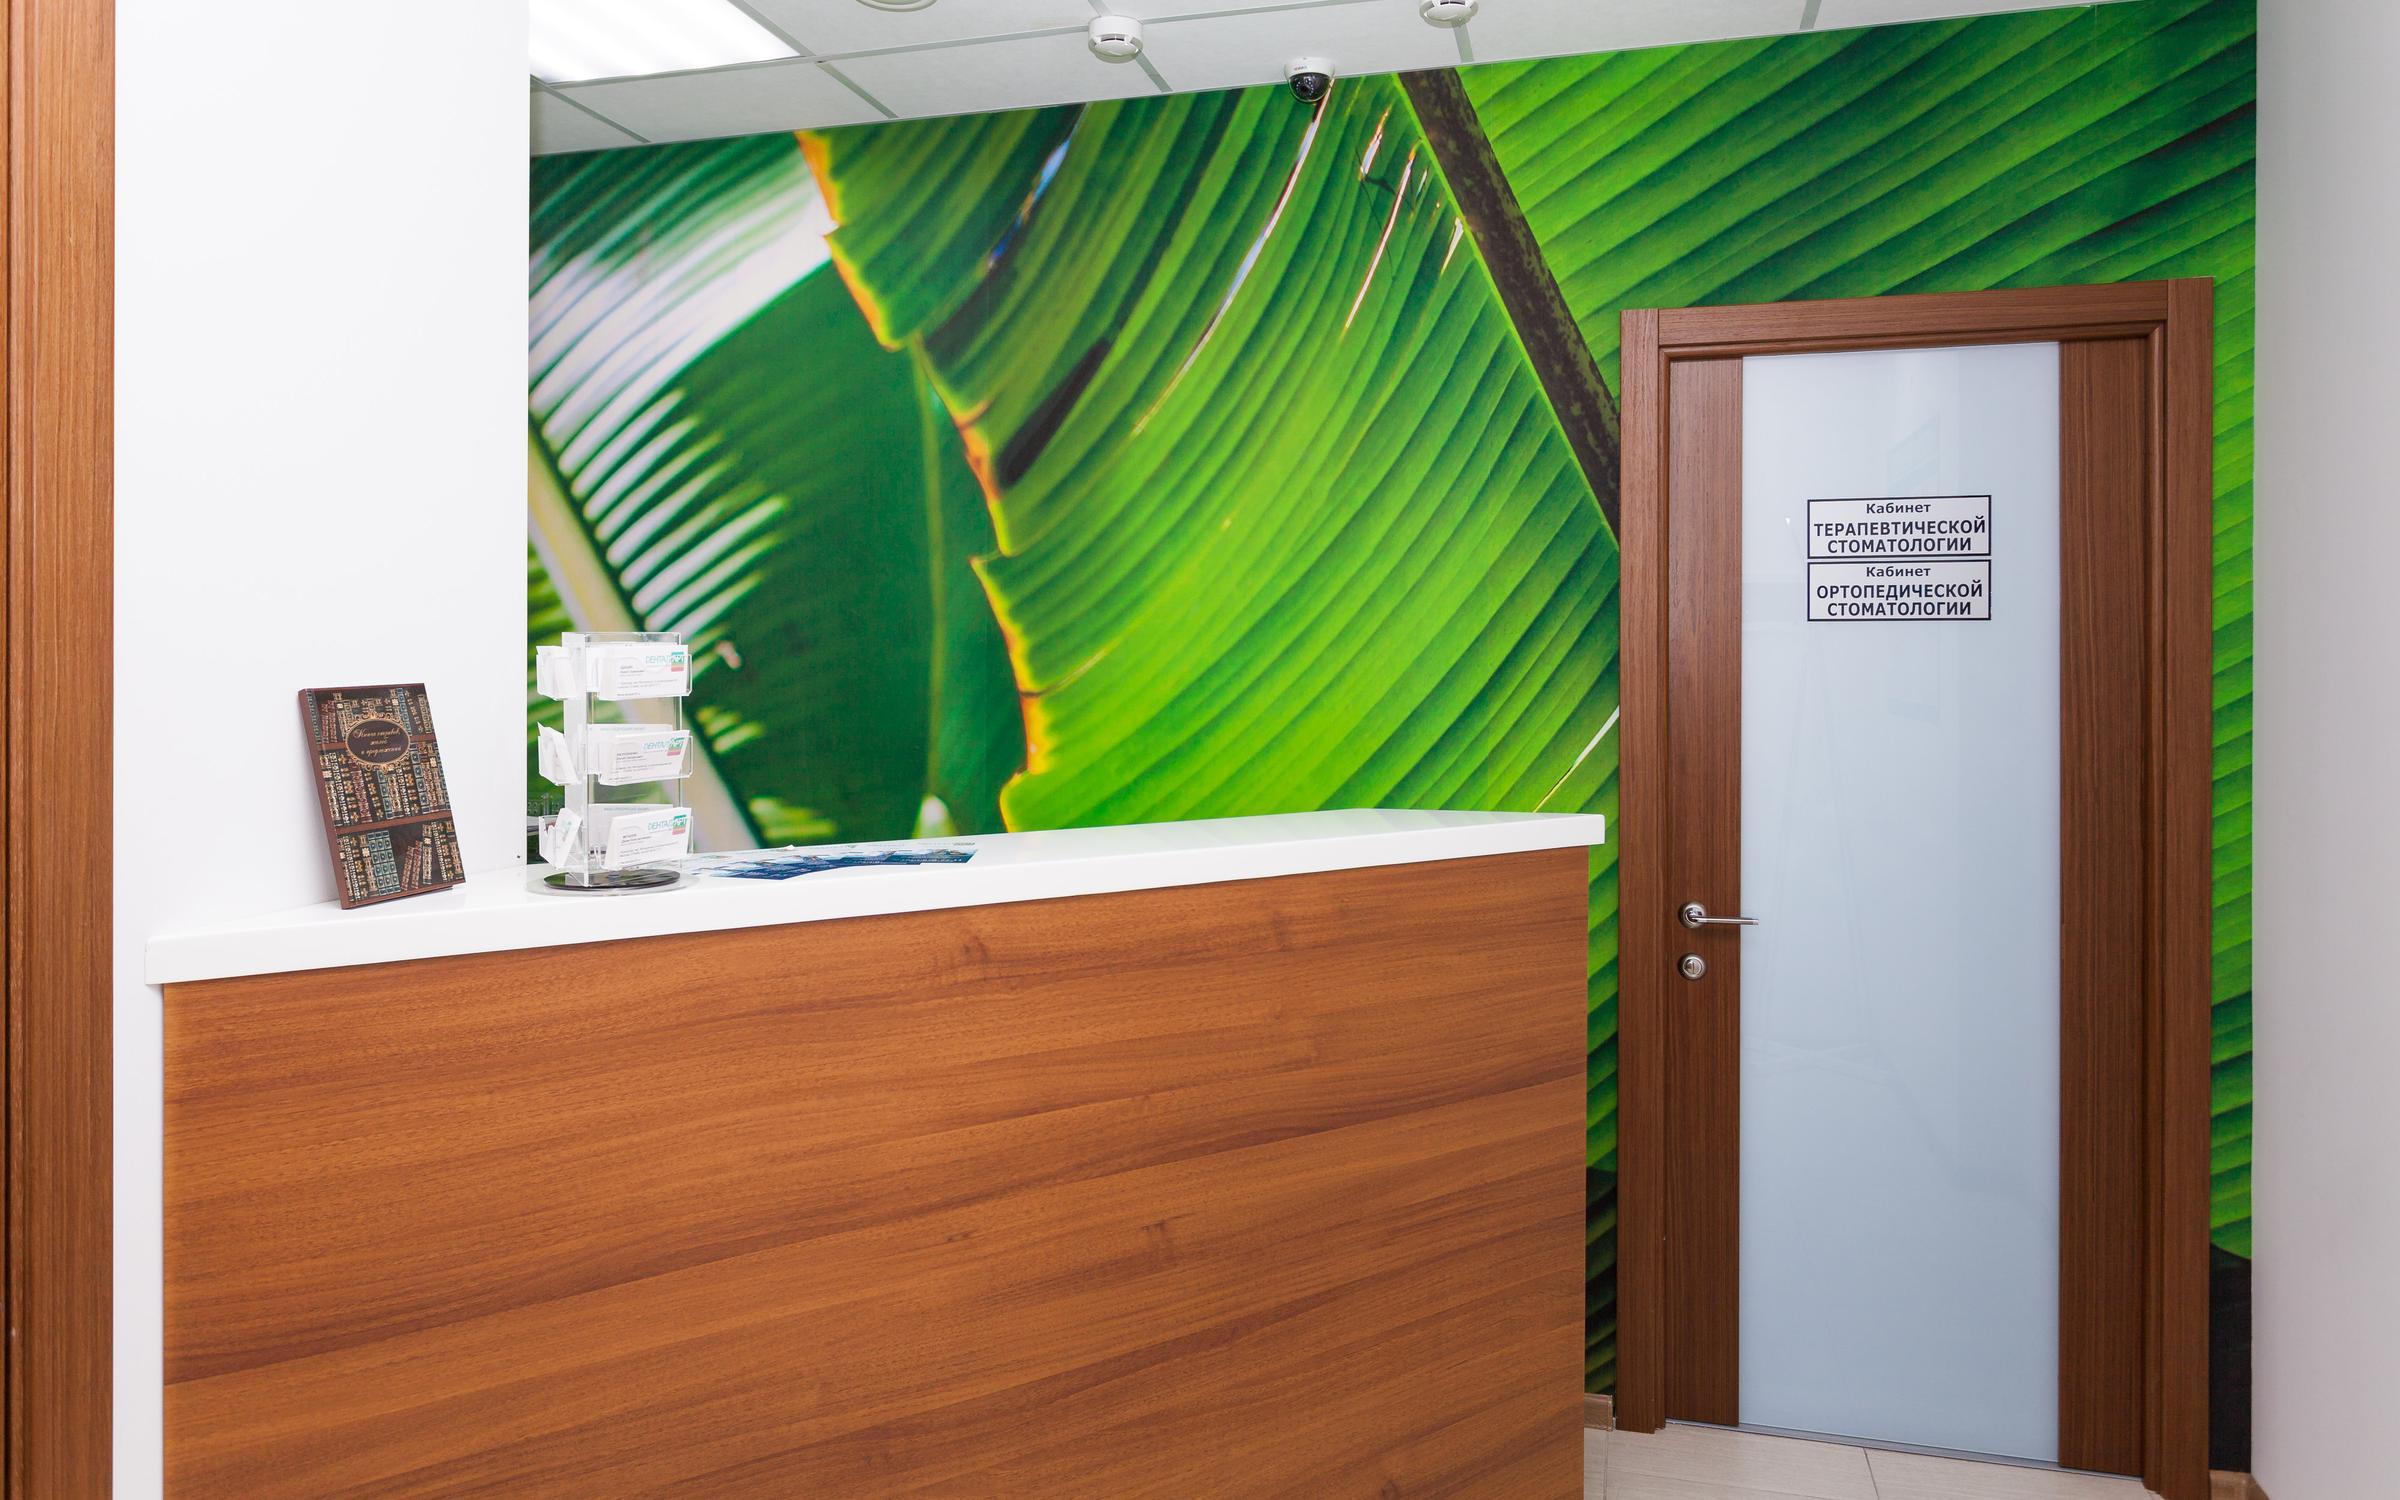 фотография Стоматологической клиники Дентал Арт на Целиноградской улице